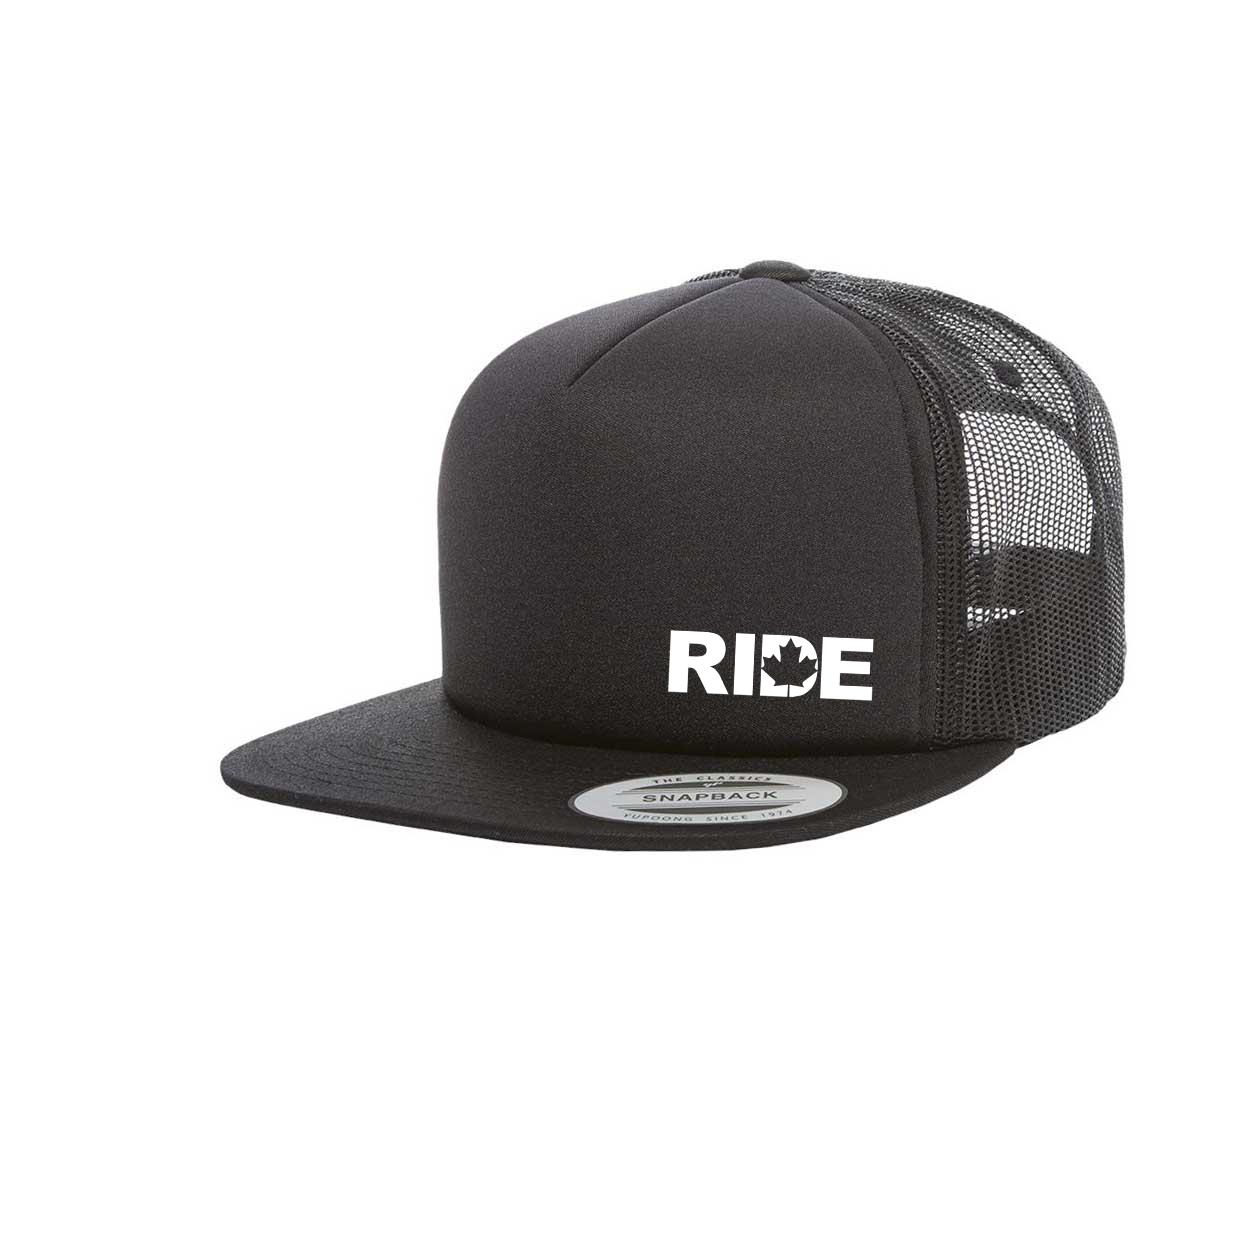 Ride Canada Night Out Premium Foam Flat Brim Snapback Hat Black (White Logo)